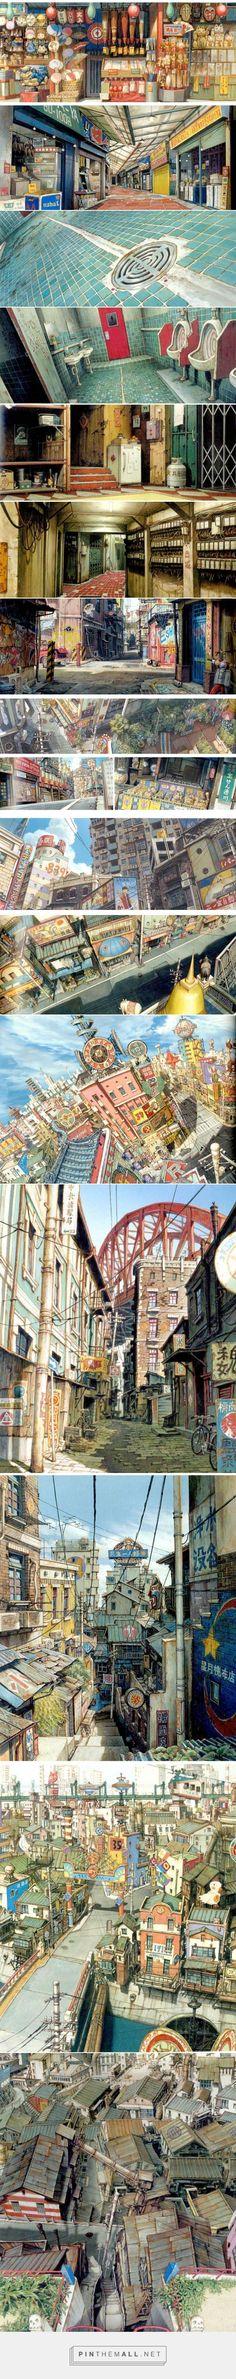 Mais um pouco dos incríveis cenários de TekkonKinkreet | THECAB - The Concept Art Blog - created via http://pinthemall.net #ad